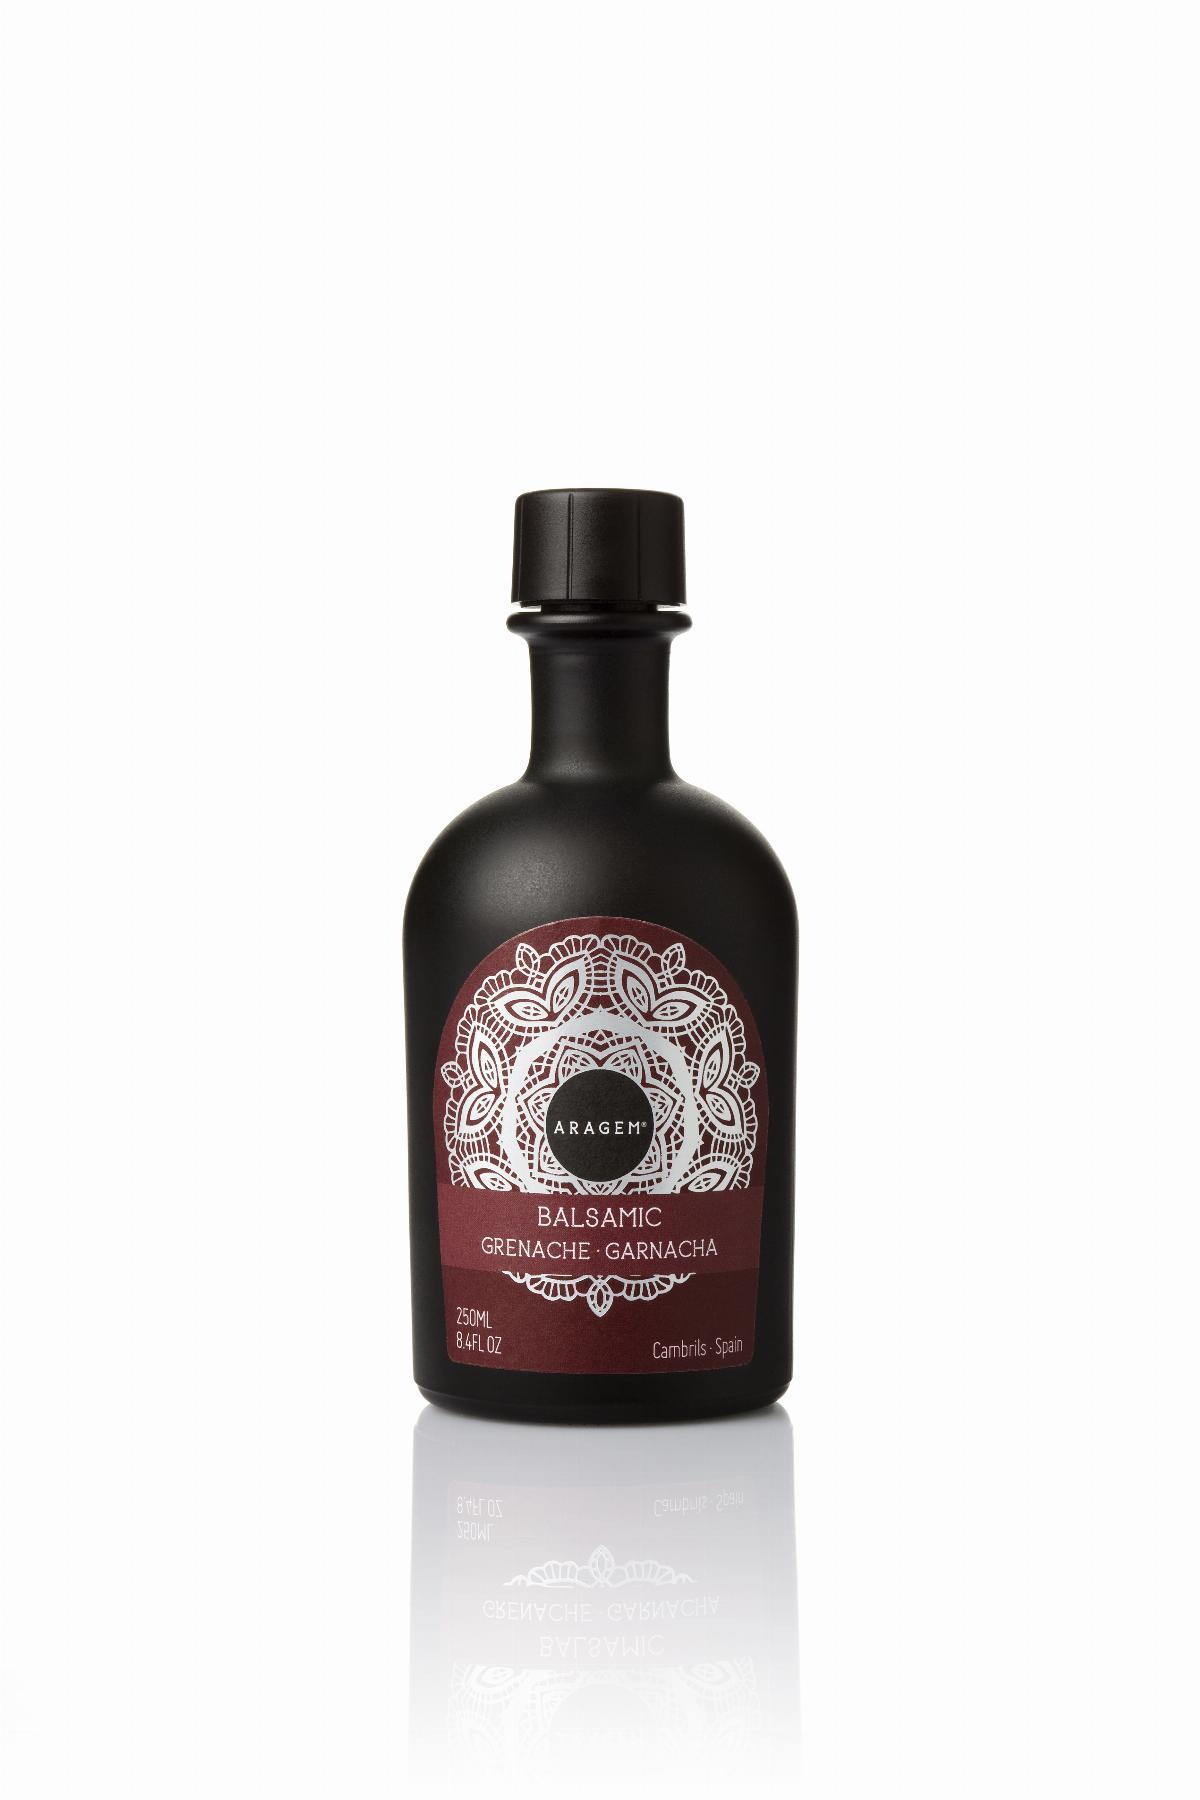 Vinagre Balsàmic Garnatxa Aragem,  ampolla negra 250ml